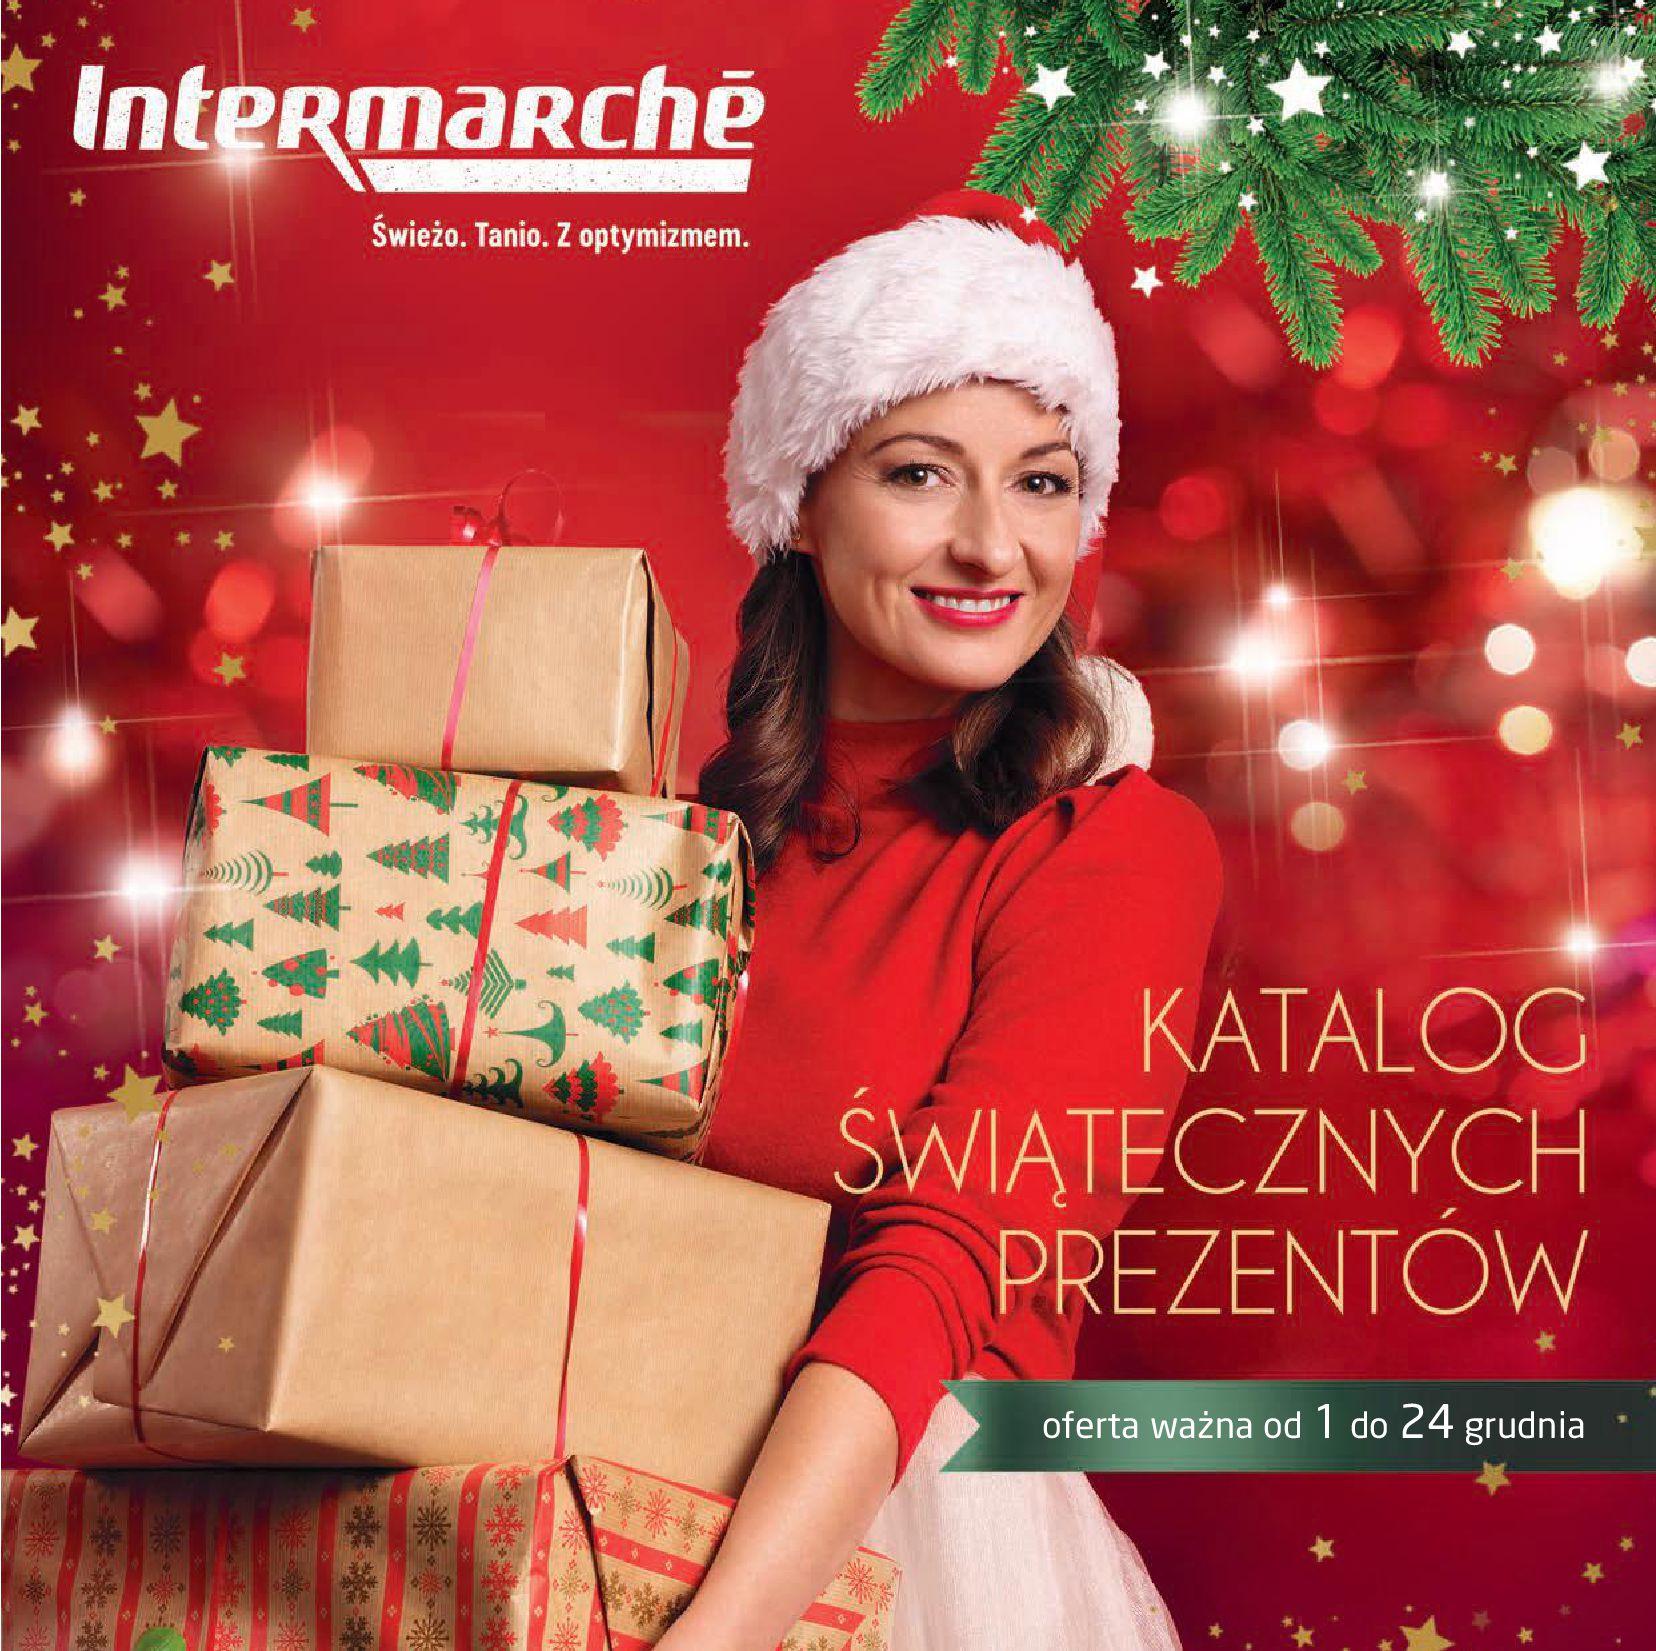 Intermarché:  Katalog Świątecznych Prezentów 30.11.2020